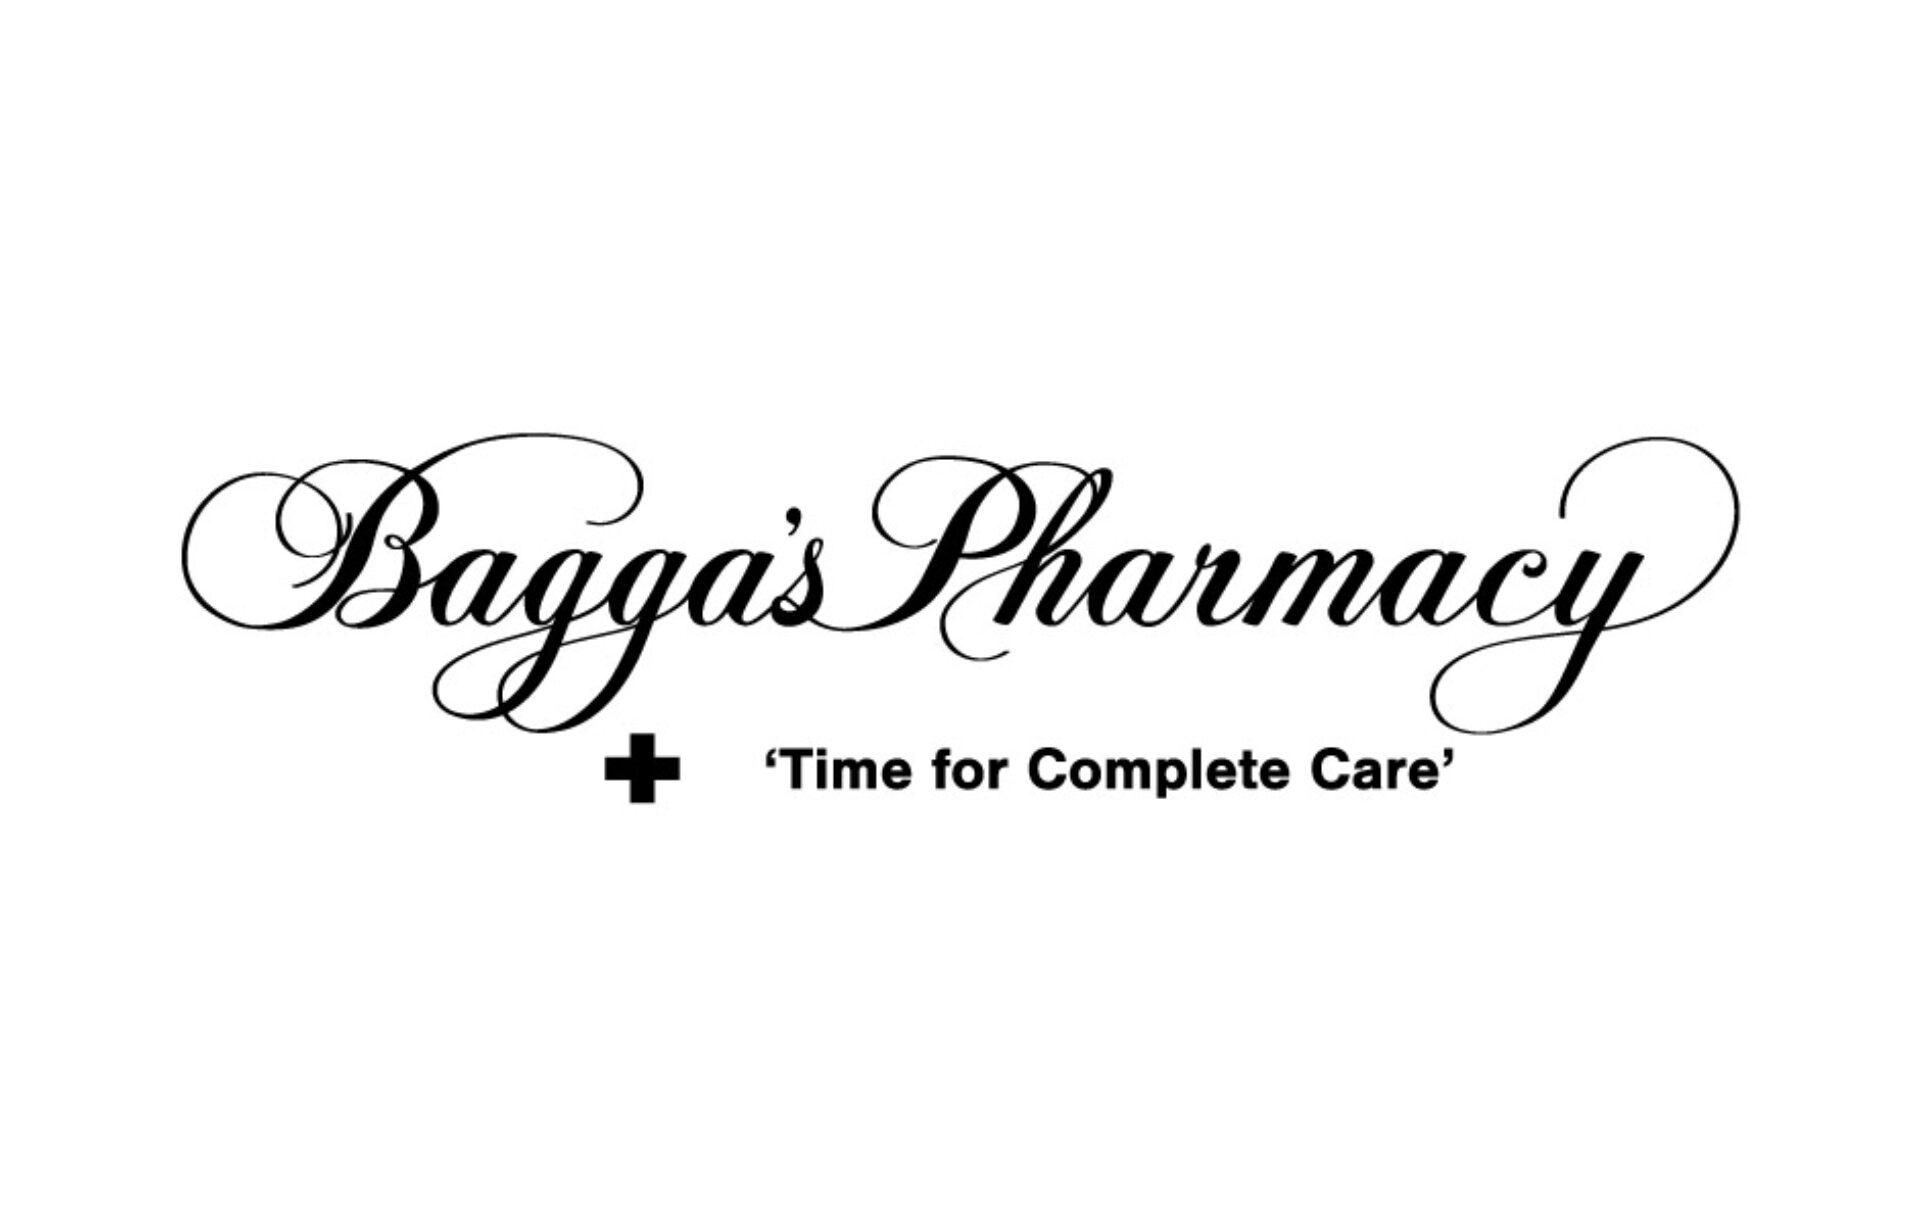 Baggas pharmacy 01